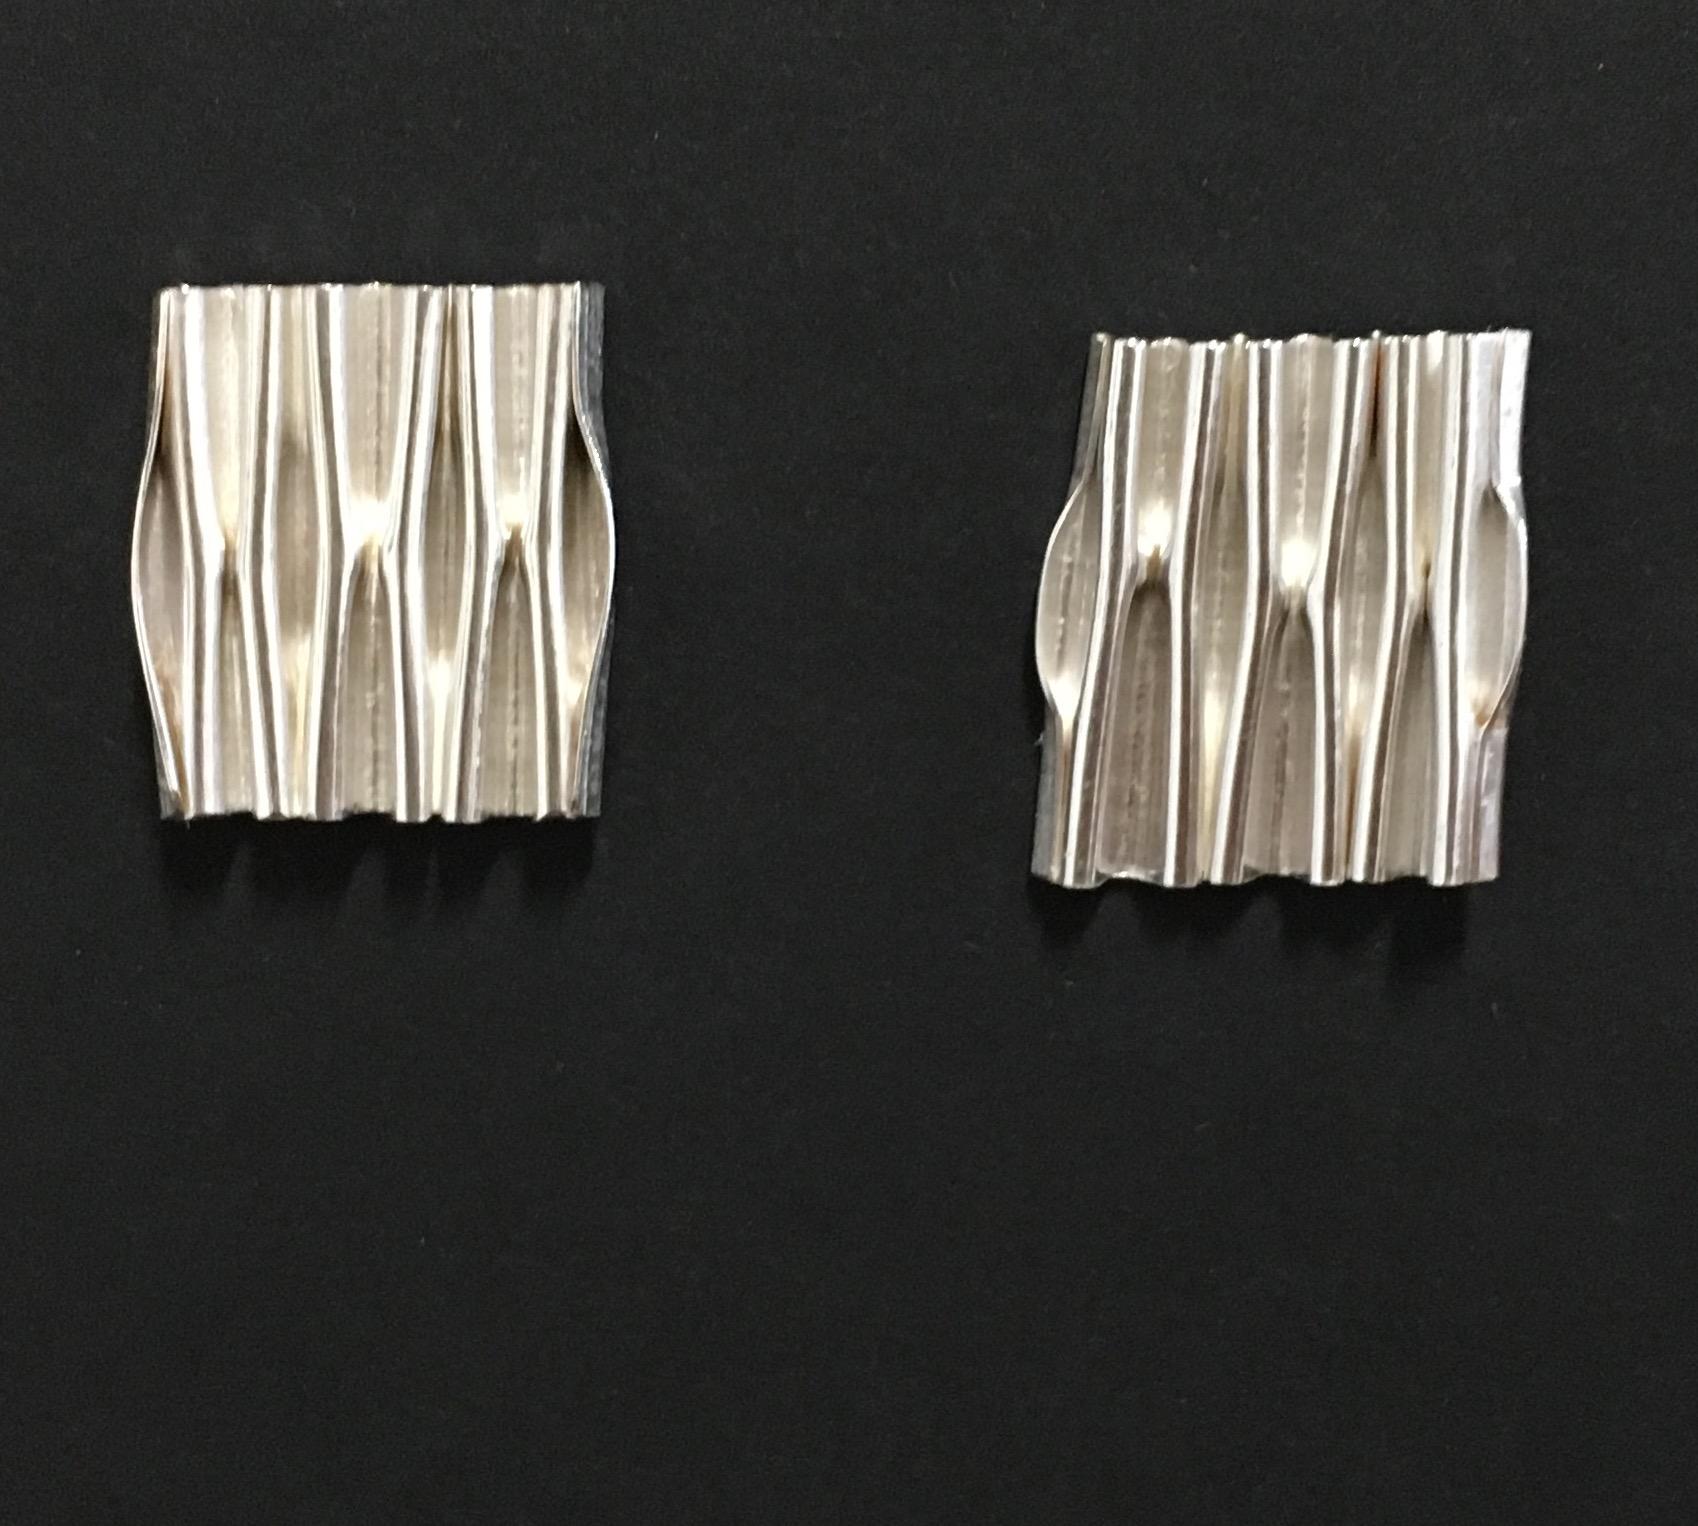 Micro-foldformed Sterling Earrings